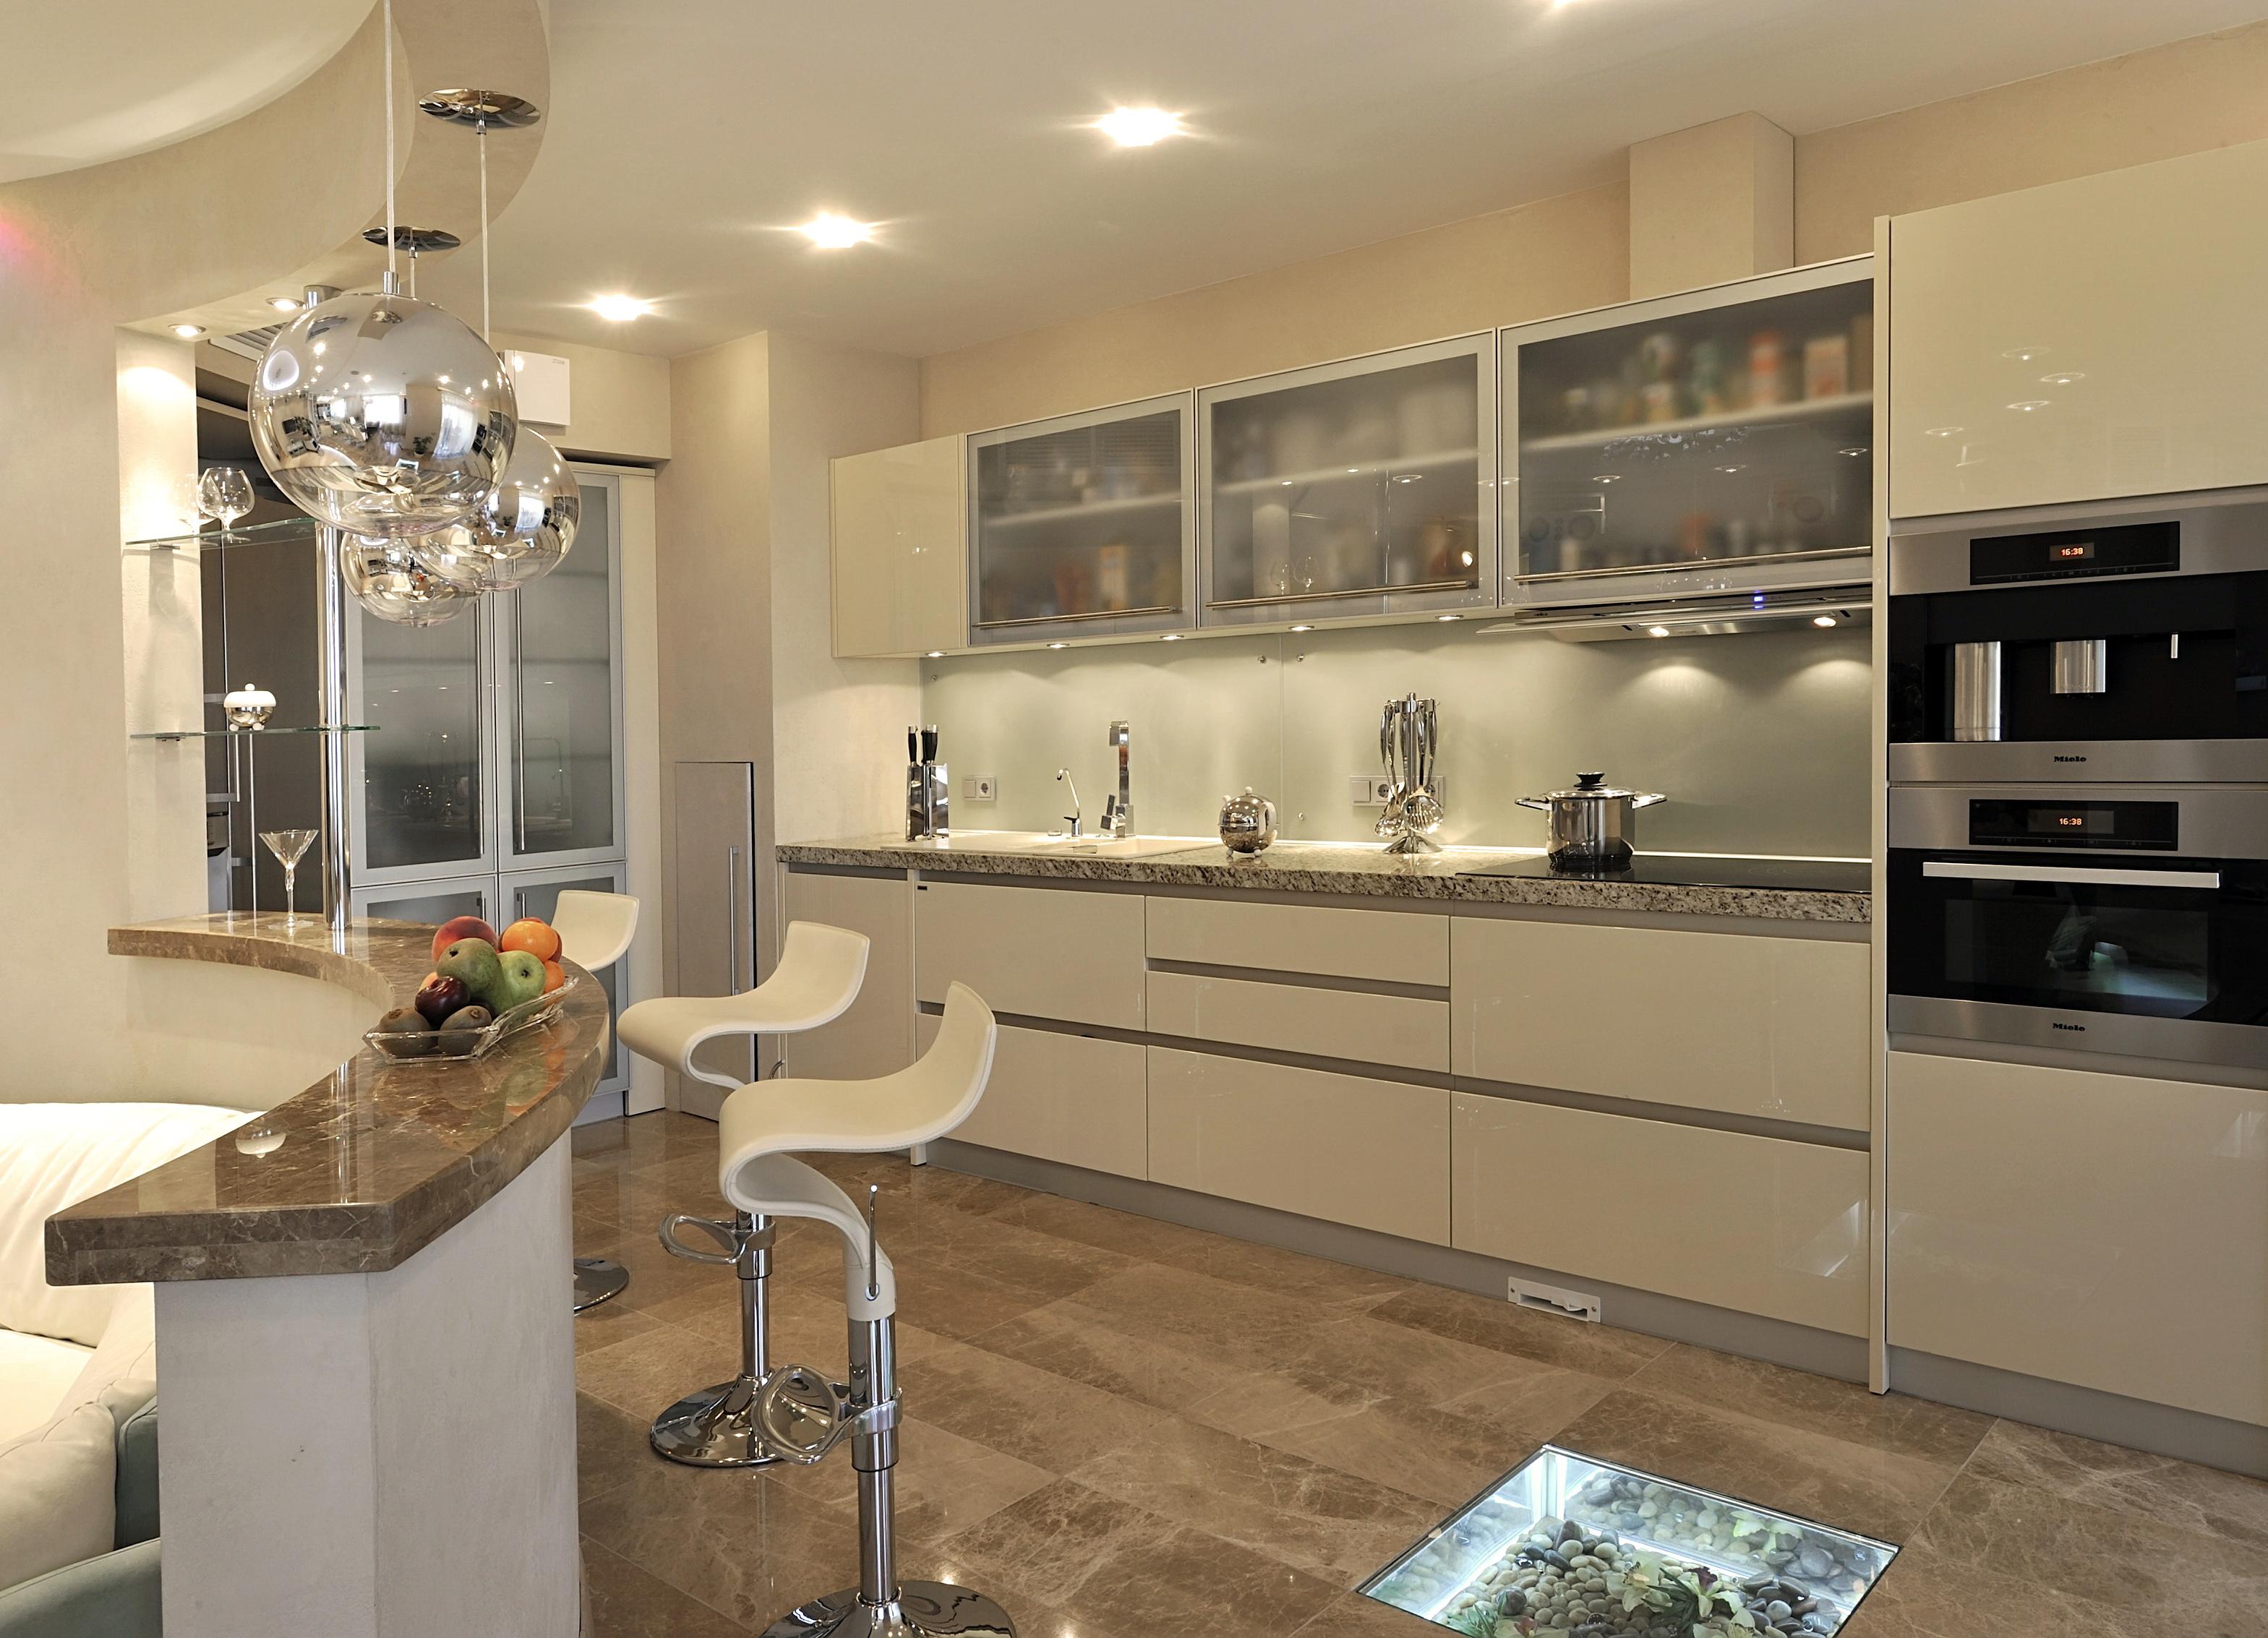 Зонирование кухни - гостиной перегородкой в виде барной стойки